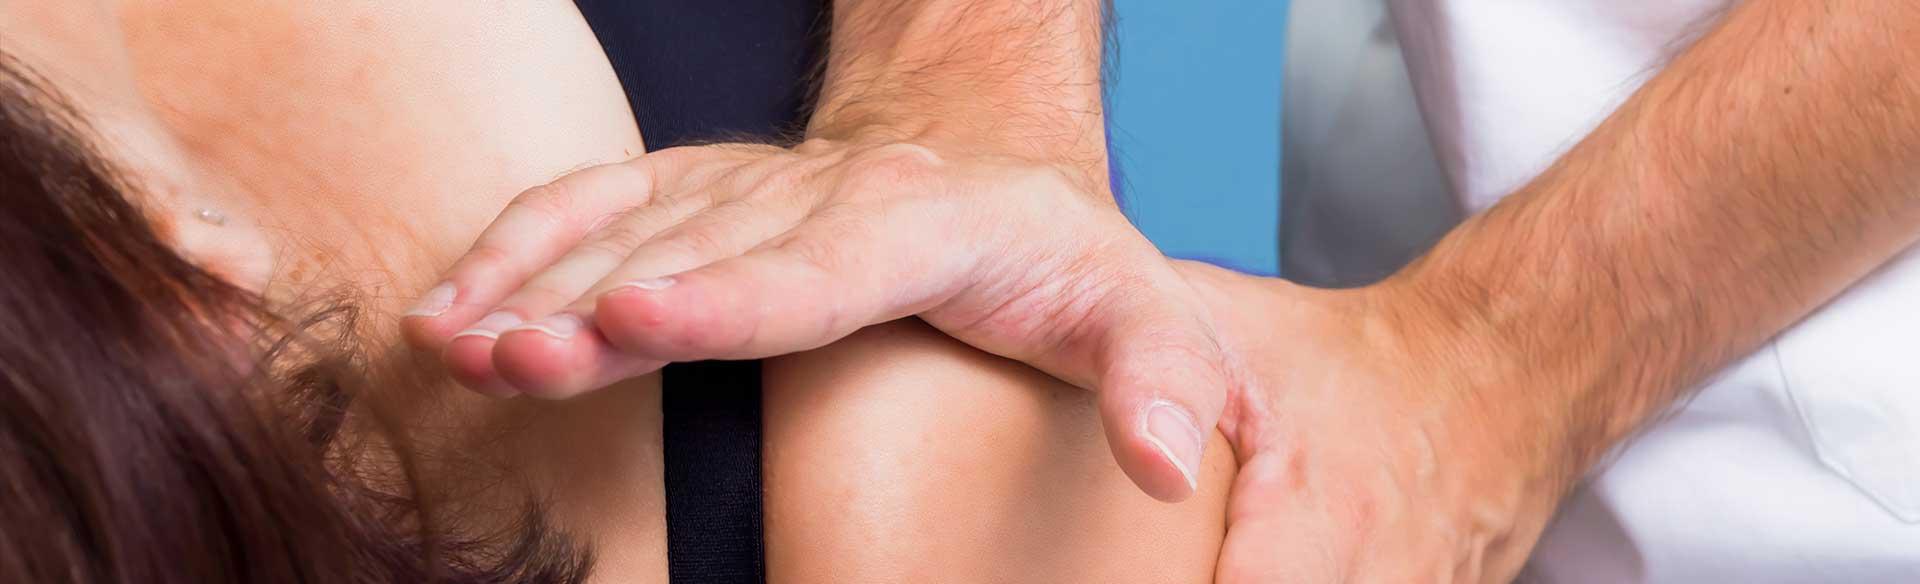 Fysiotherapie stuifzwam uw fysio in Alphen aan den Rijn